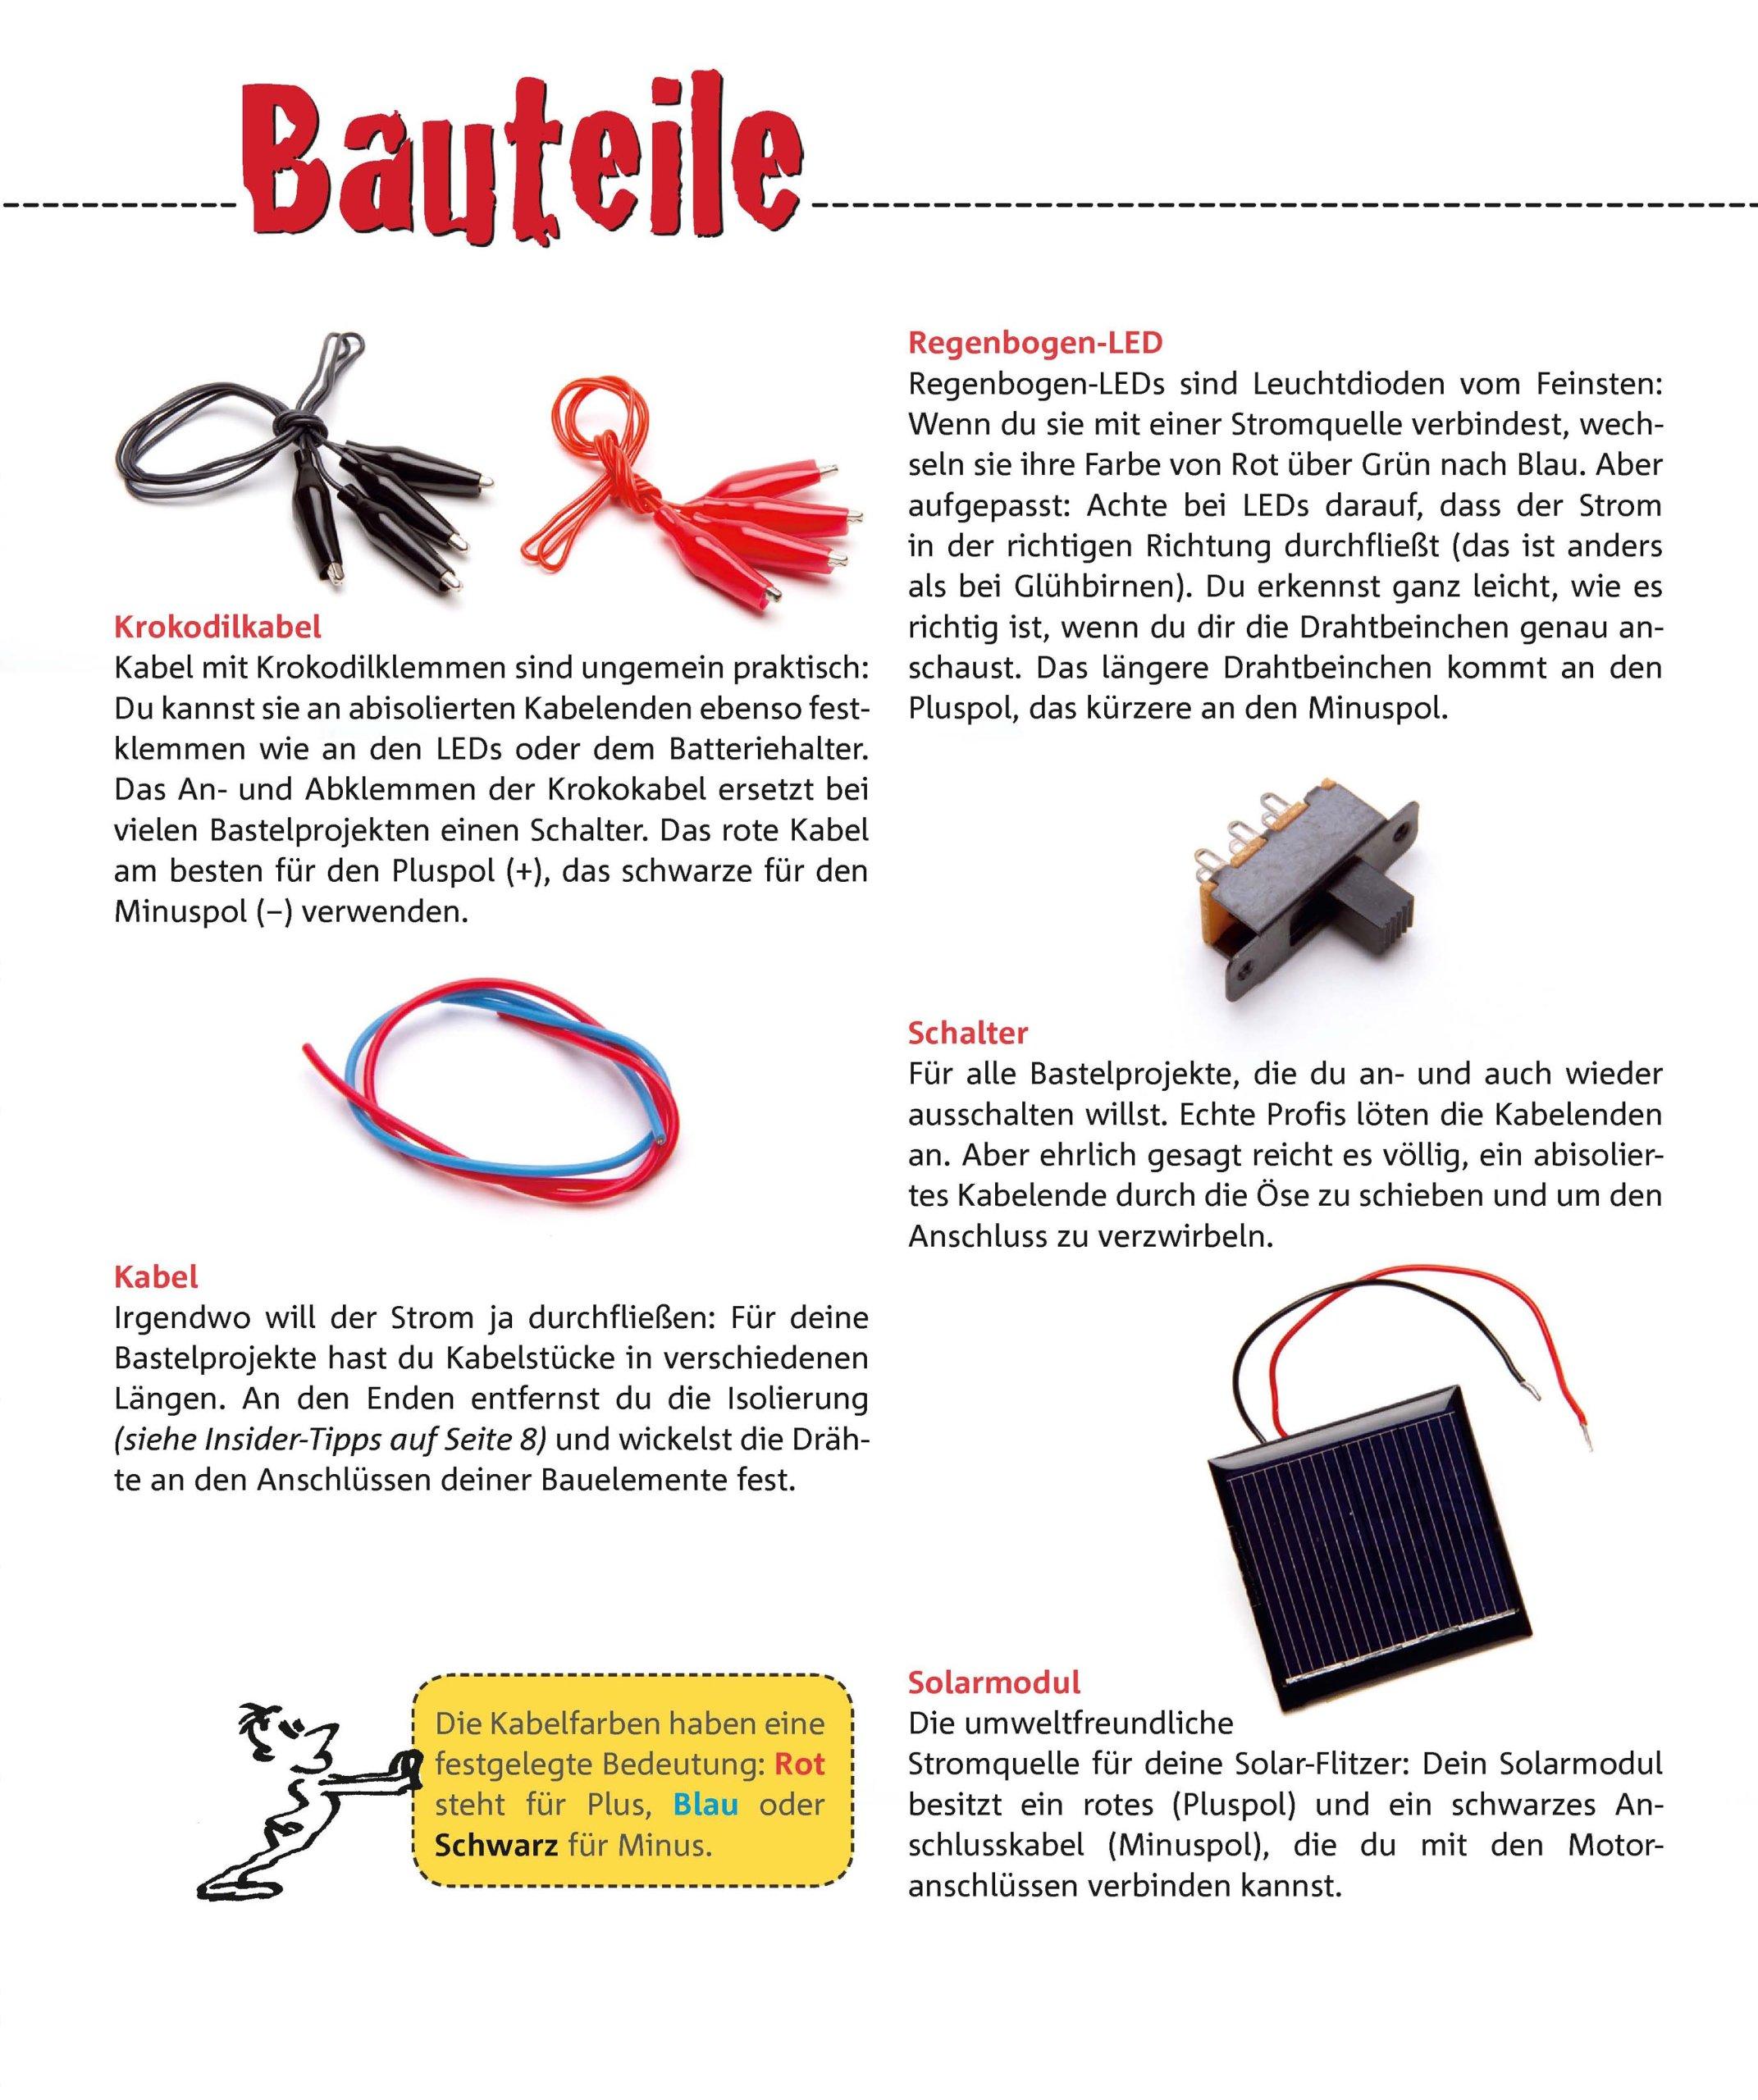 Ziemlich Elektrische Kabel Farben Bedeutung Zeitgenössisch ...